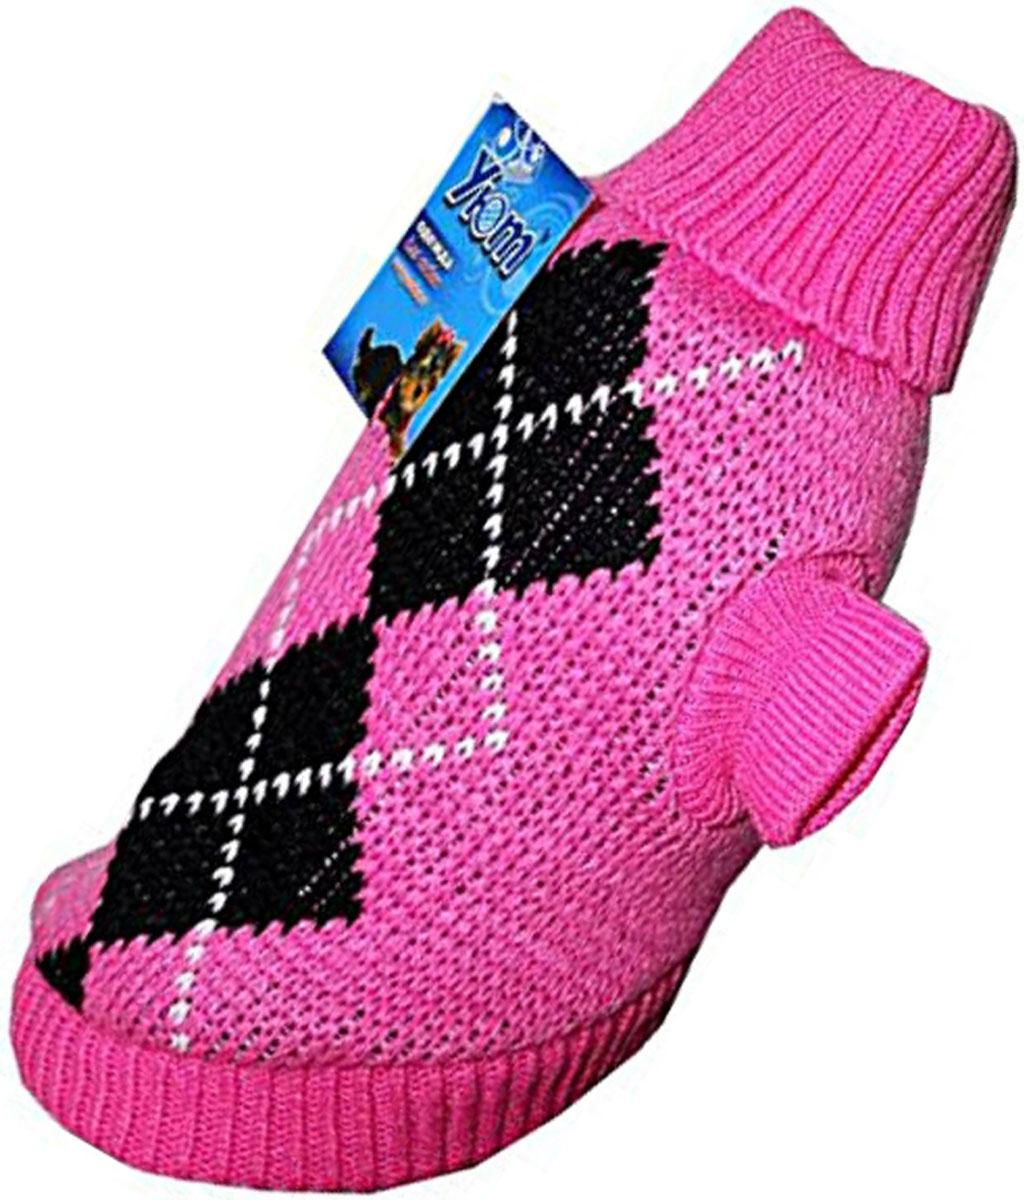 Свитер для собак Уют, для девочки, цвет: розовый. НМ11ХЛ. Размер XLНМ11ХЛКрасивый вязаный свитер для собак Уют выполнен из акрила. Рукава, воротник и низ изделия дополнены эластичными трикотажными резинками для плотного прилегания. Модель декорирована красивым рисунком в виде ромбов. В таком свитере вашей собачке будет тепло и уютно. Обхват шеи: 32-36 см.Обхват груди: 53-61 см.Длина спинки: 40 см.Одежда для собак: нужна ли она и как её выбрать. Статья OZON Гид